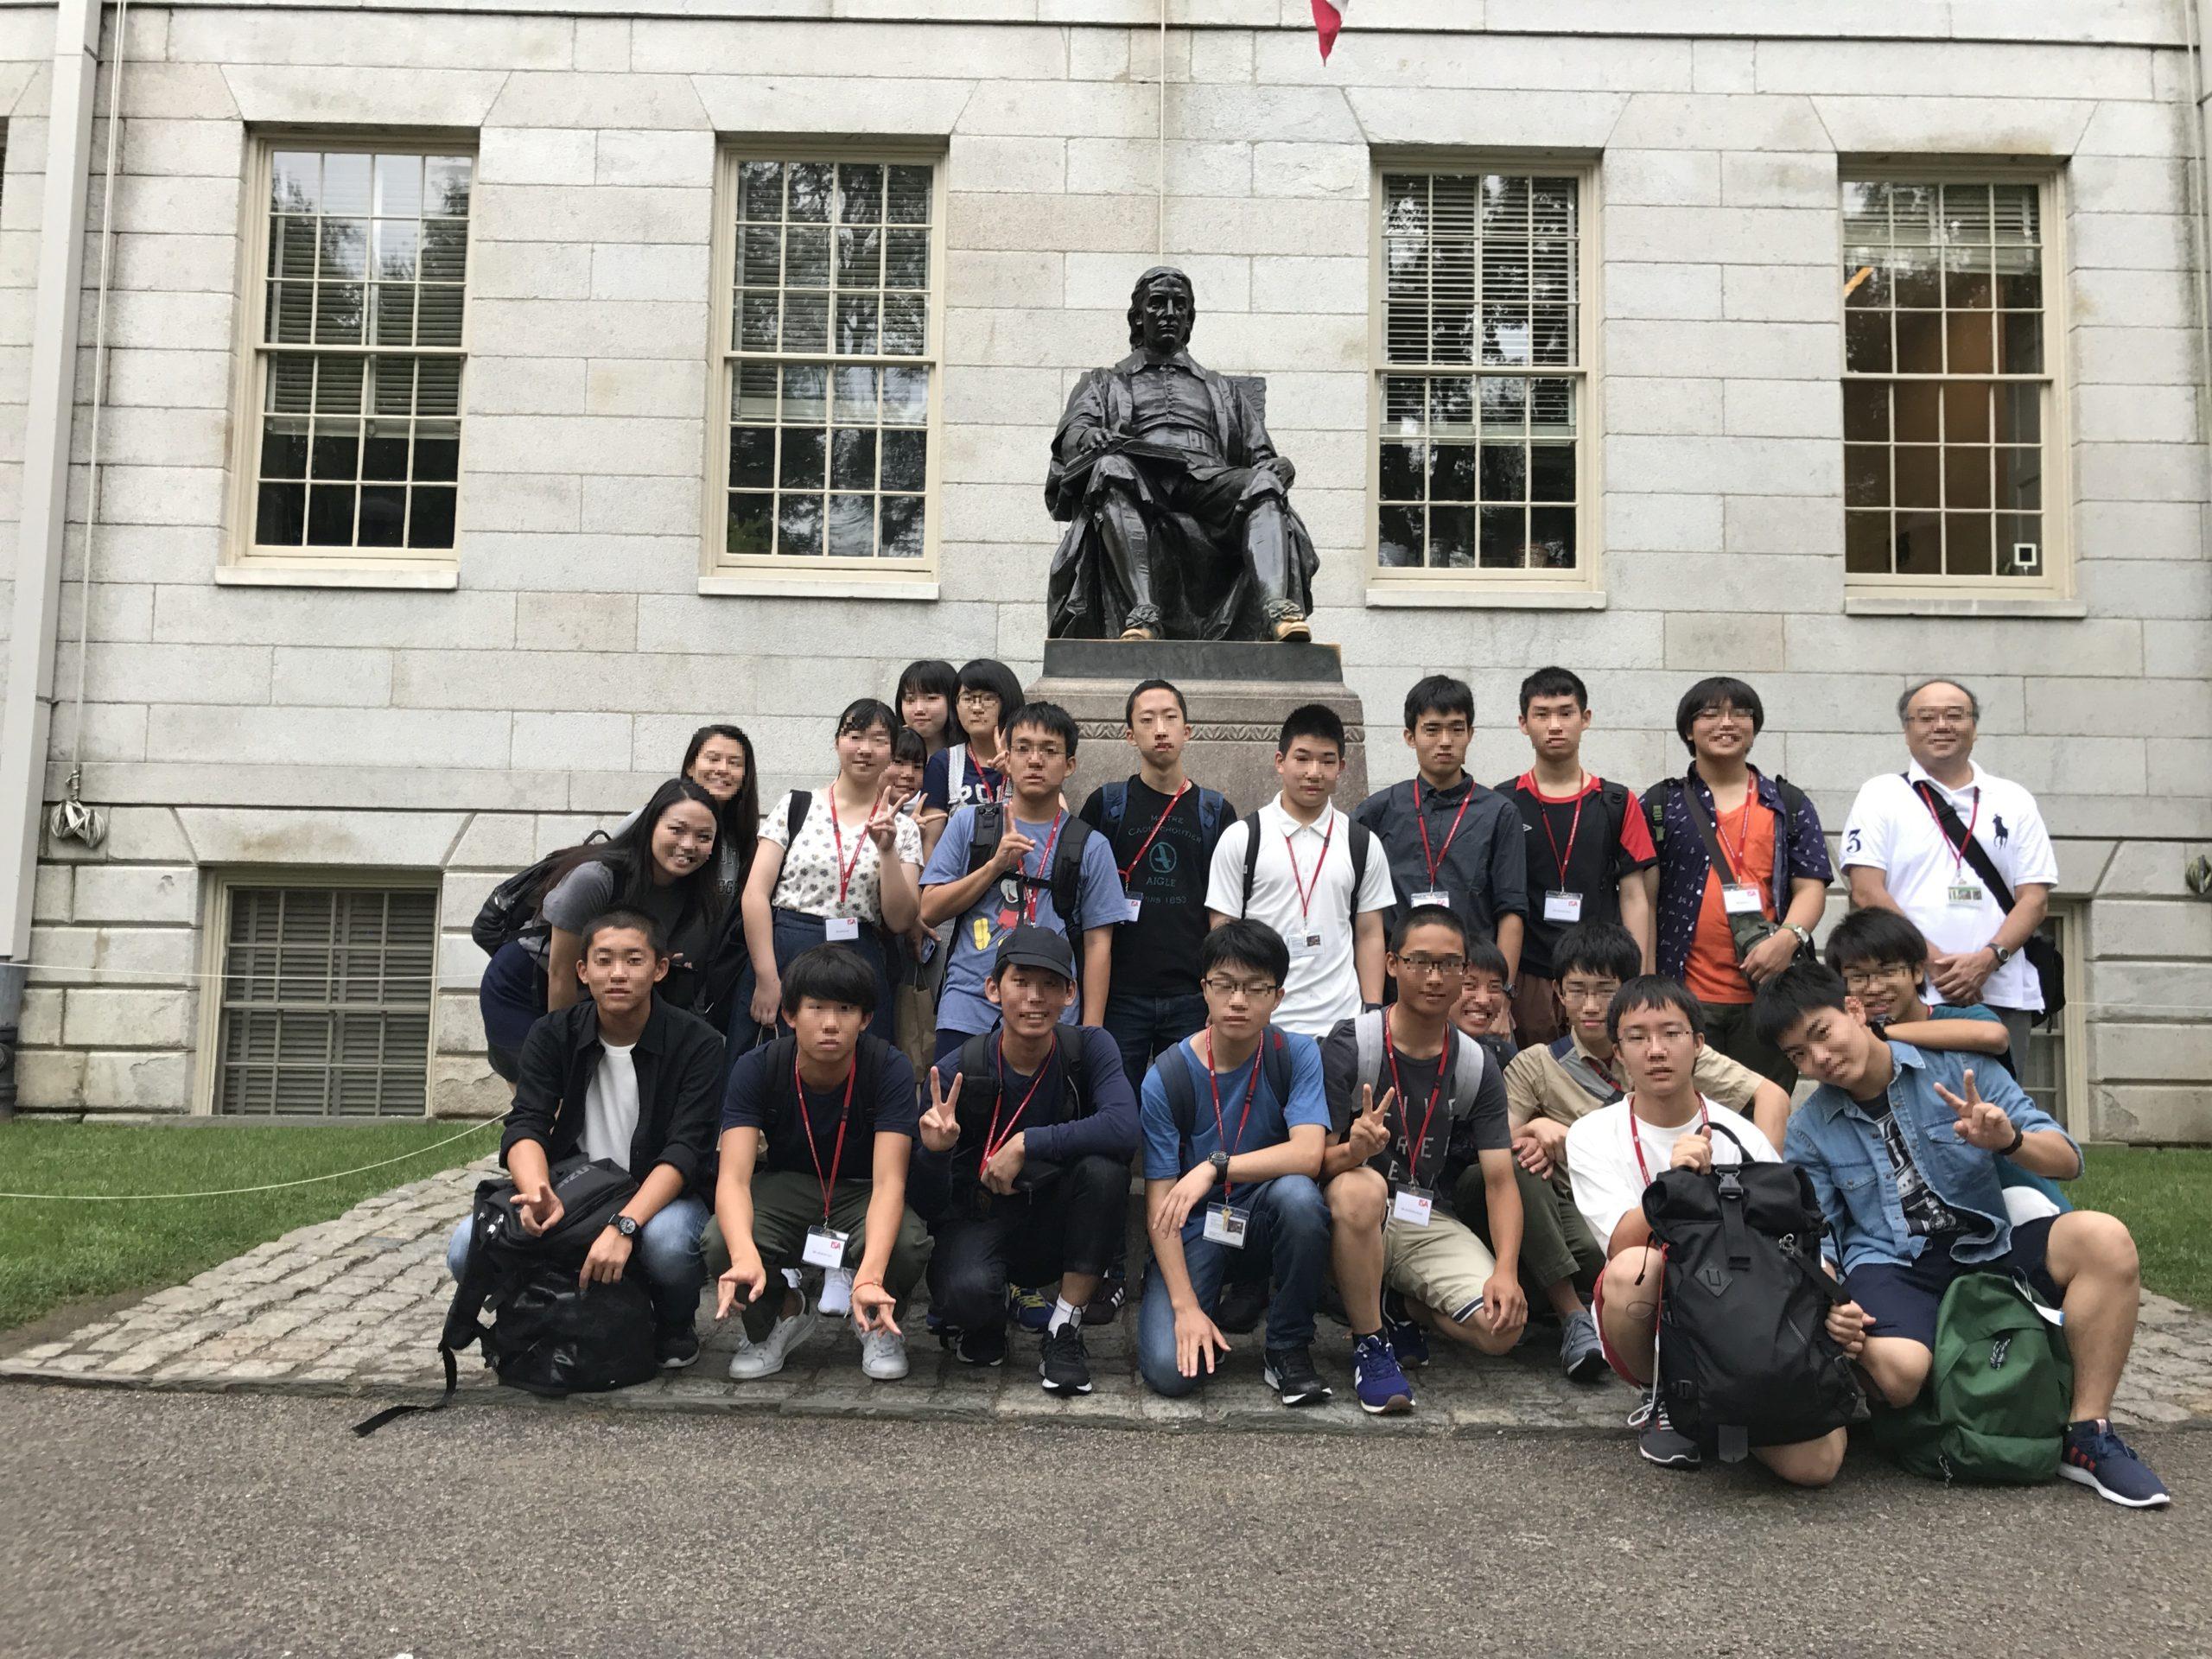 ハーバード大学での写真